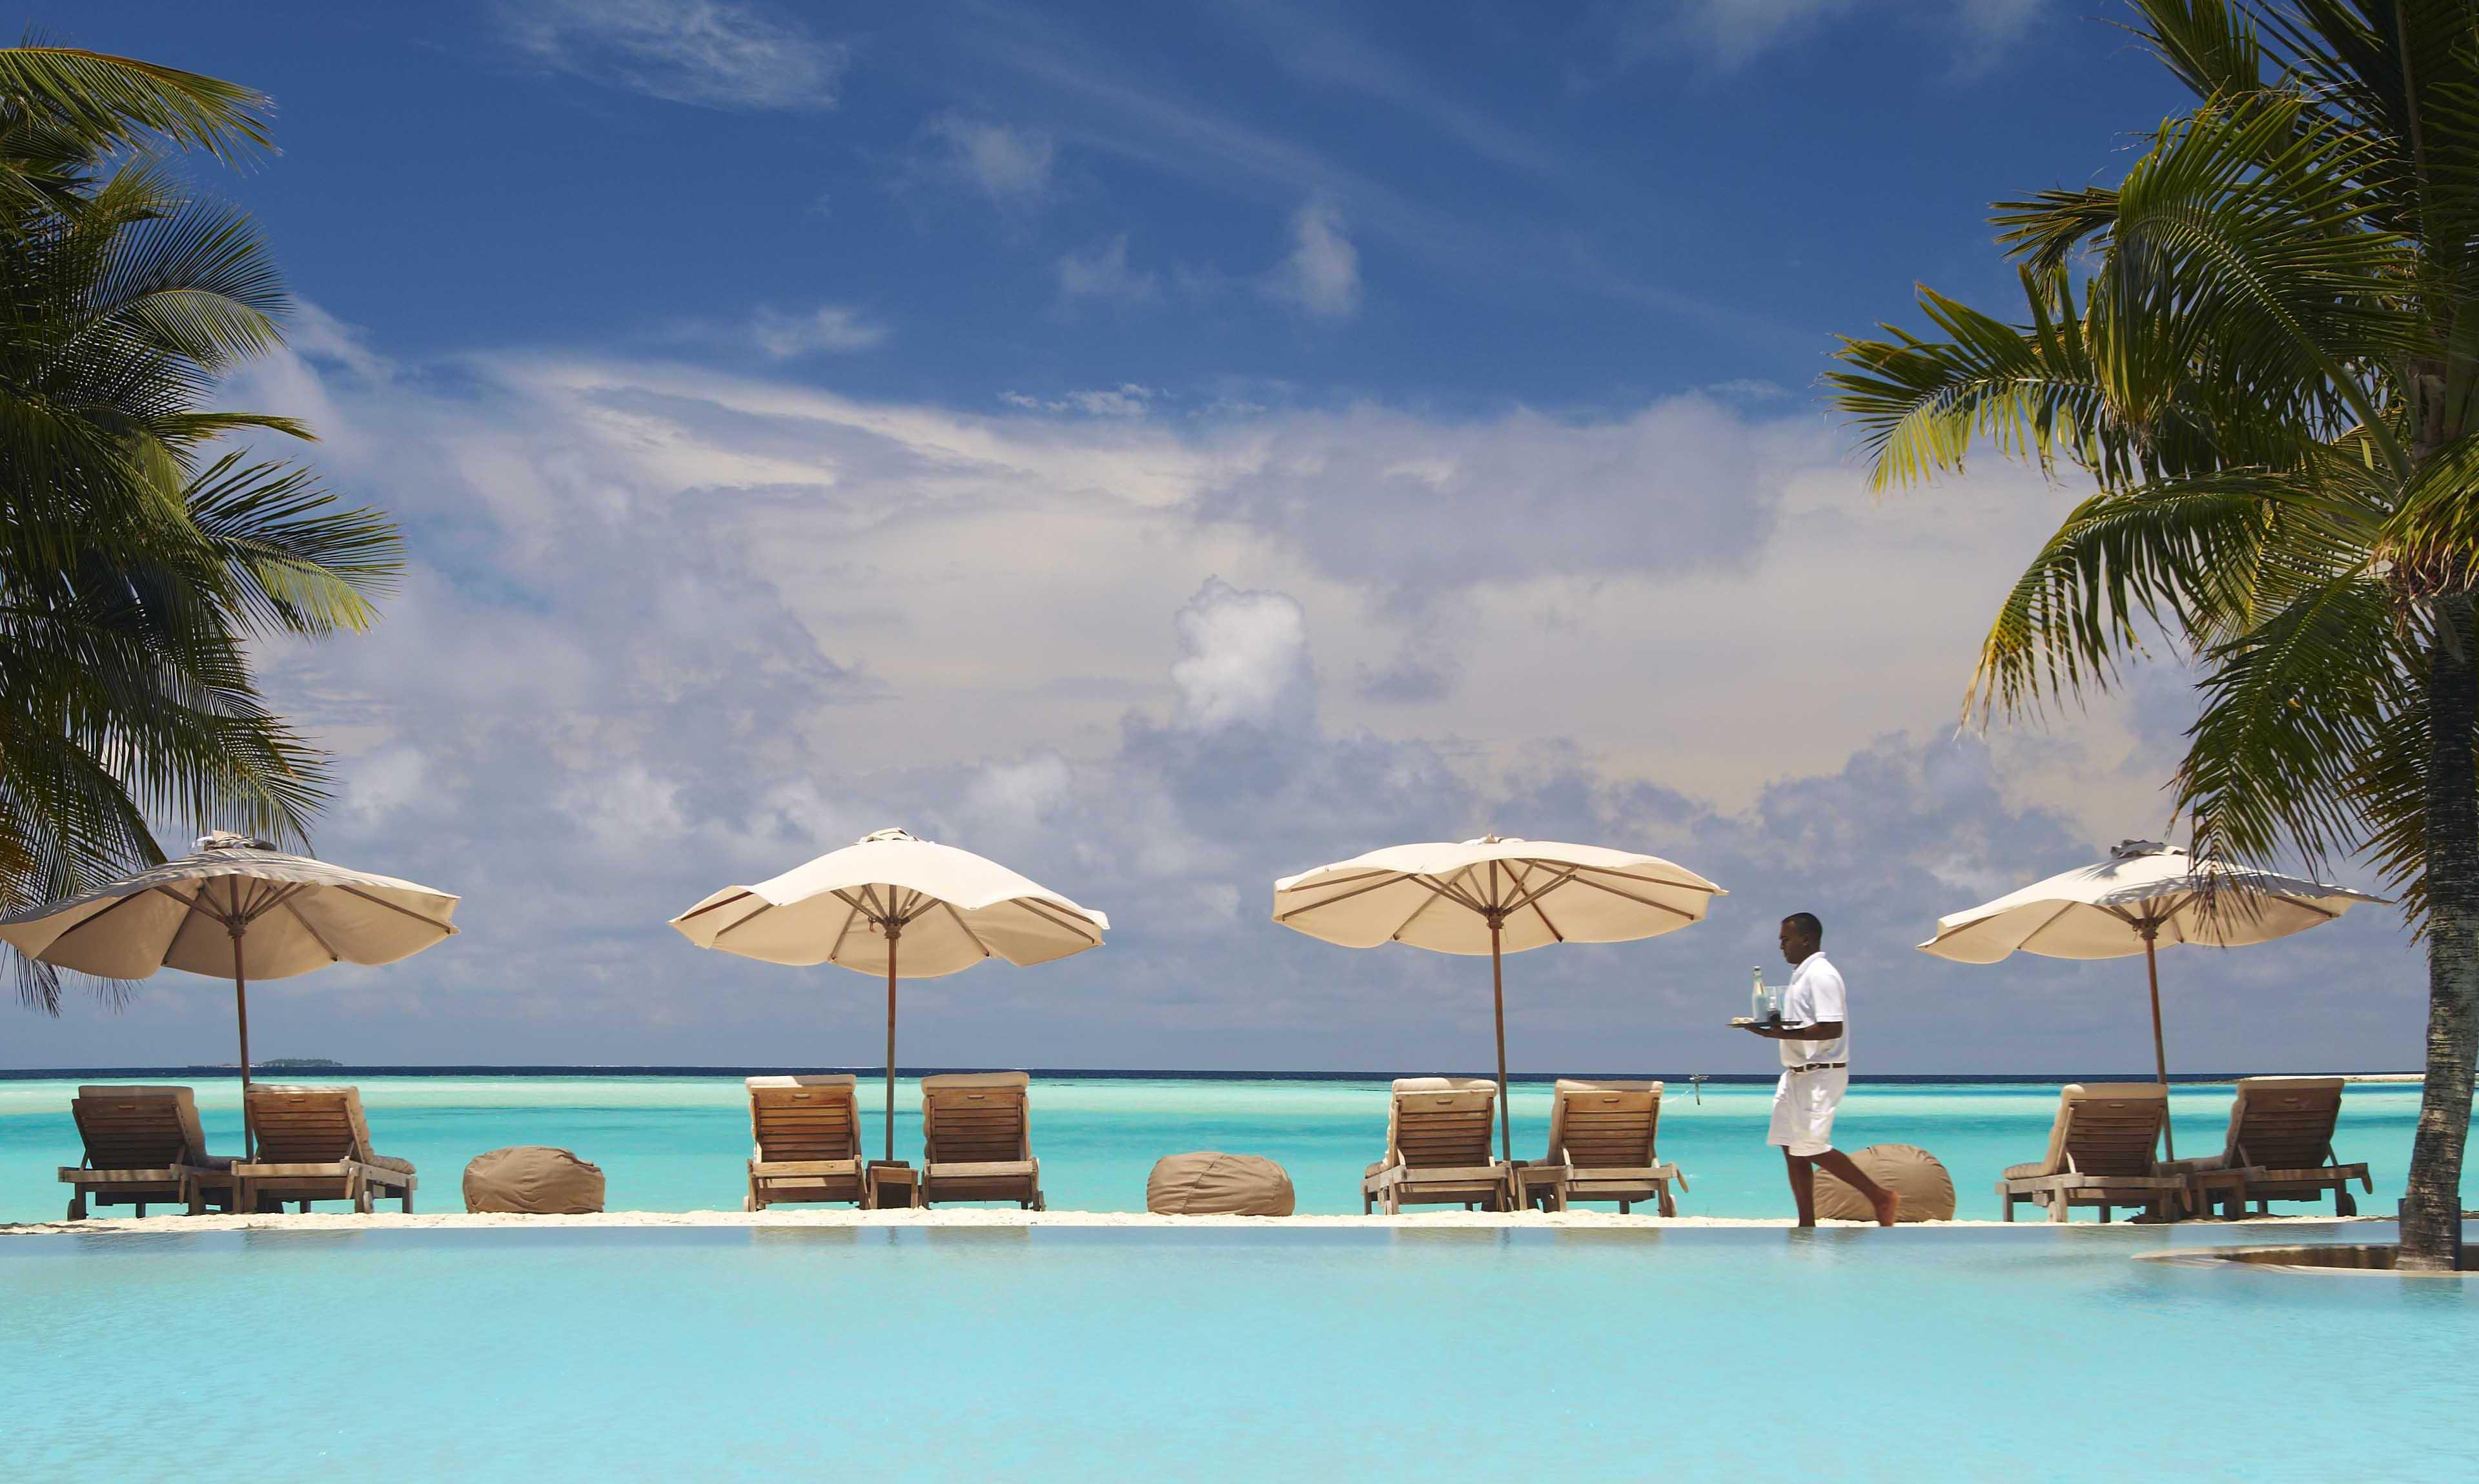 Yılbaşı | Yilbasi  |Maldivler  | Tur | Tatil | Balayı | erken rezervasyon